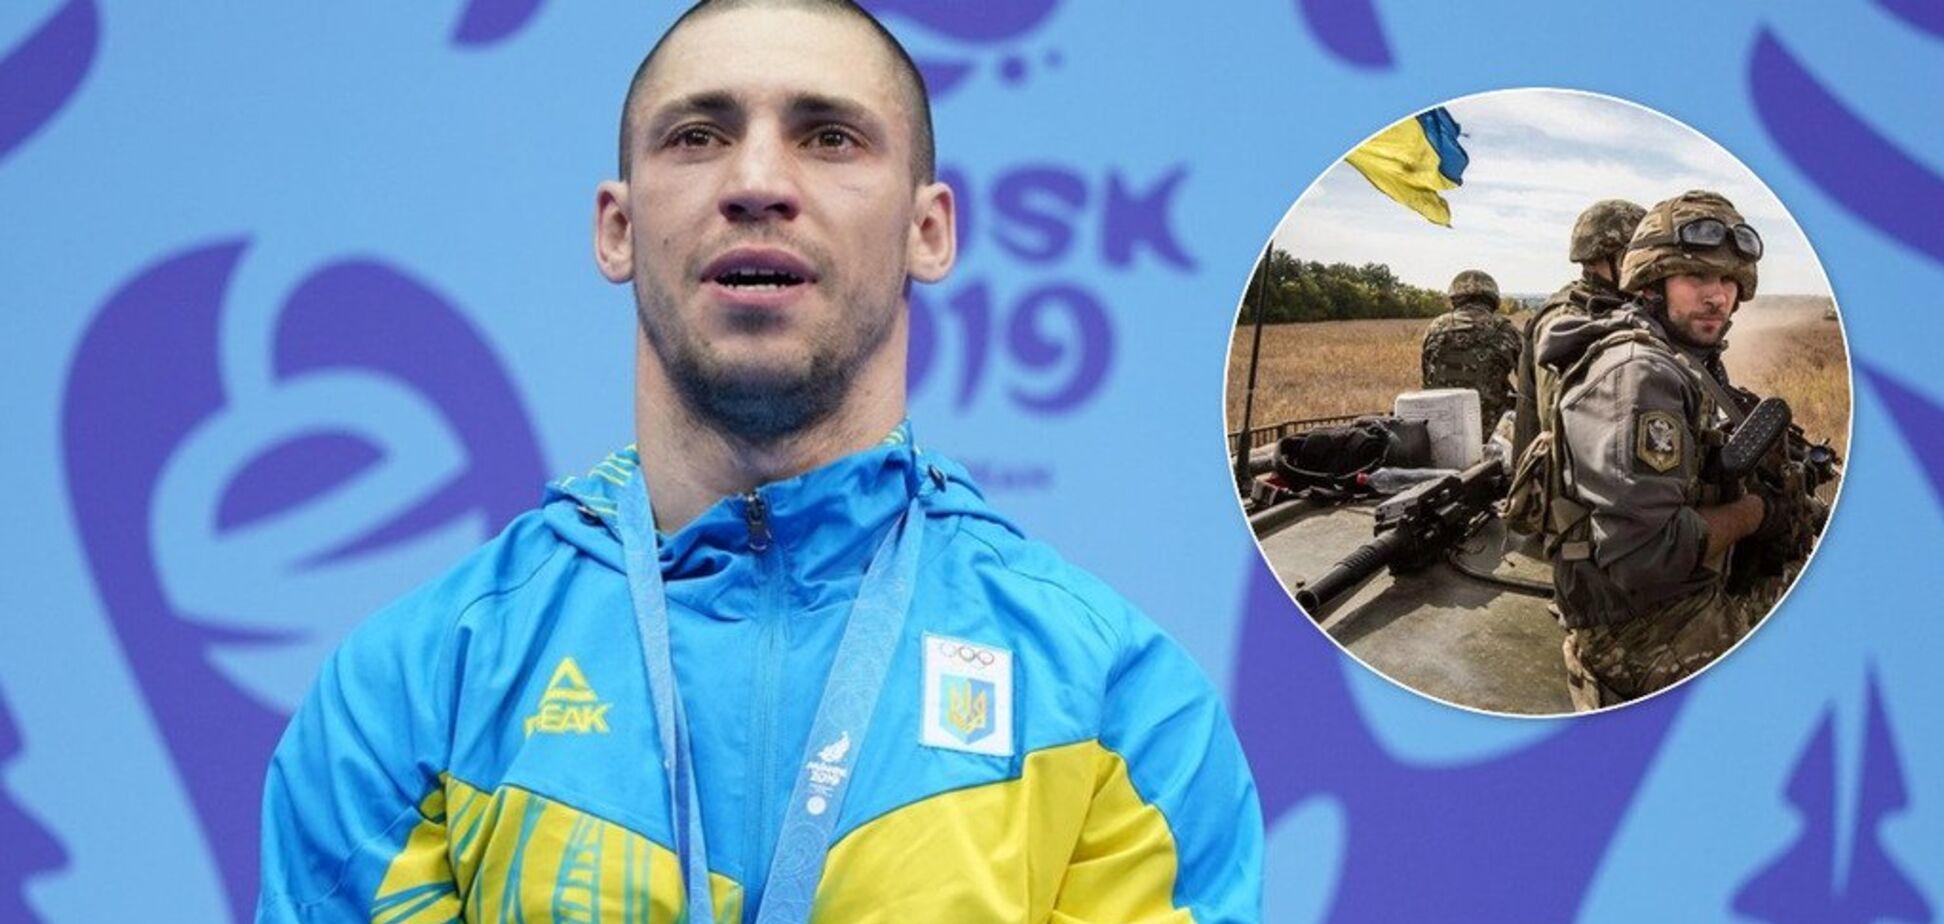 'Не идет между народами': украинский чемпион шокировал признанием о войне с Россией